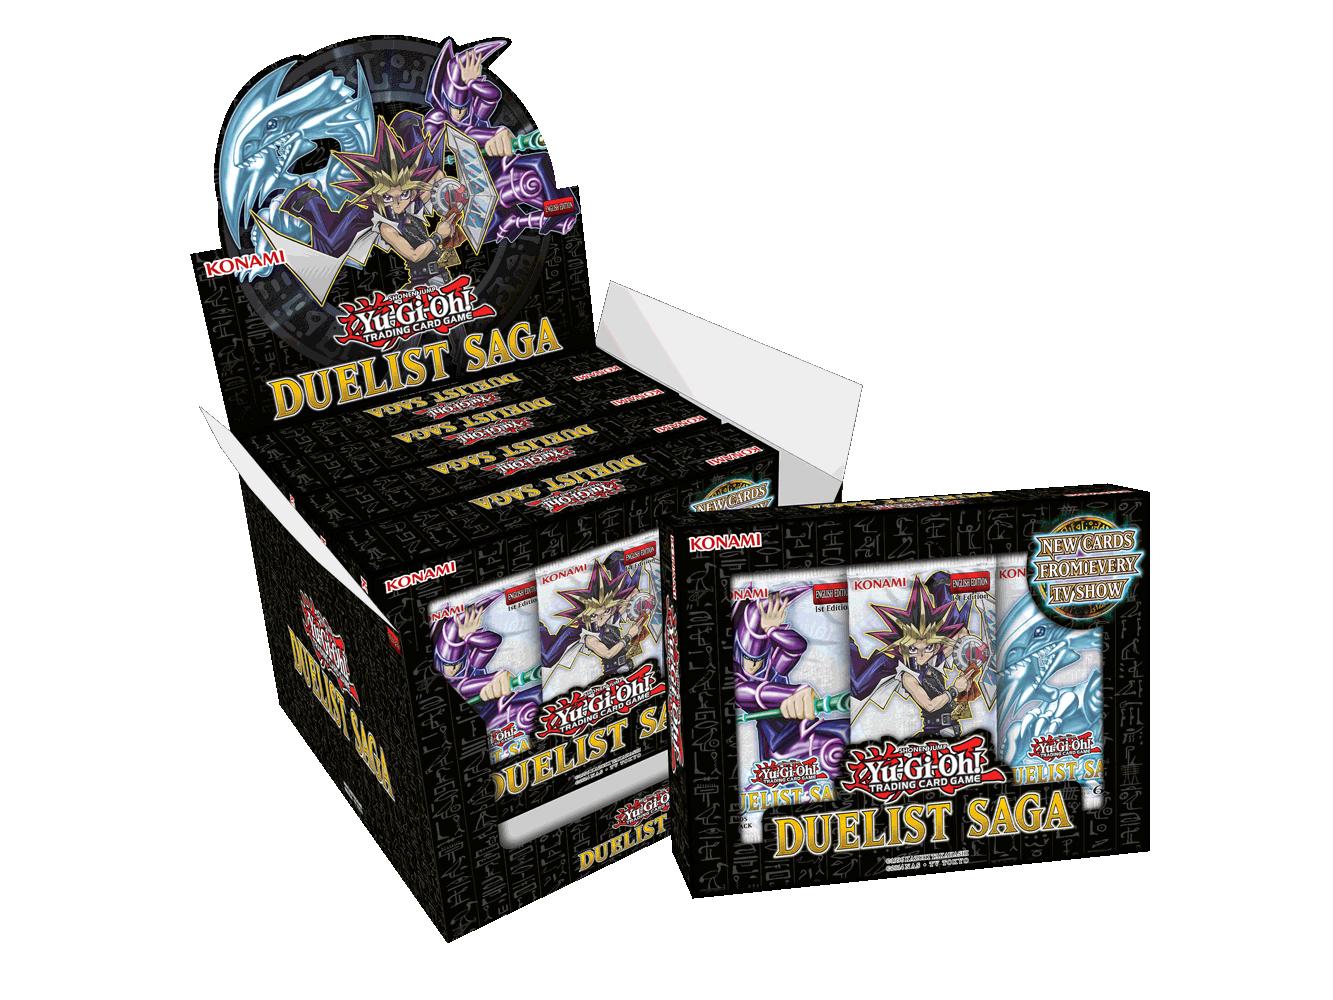 Yu-Gi-Oh! Duelist Saga Booster Box image